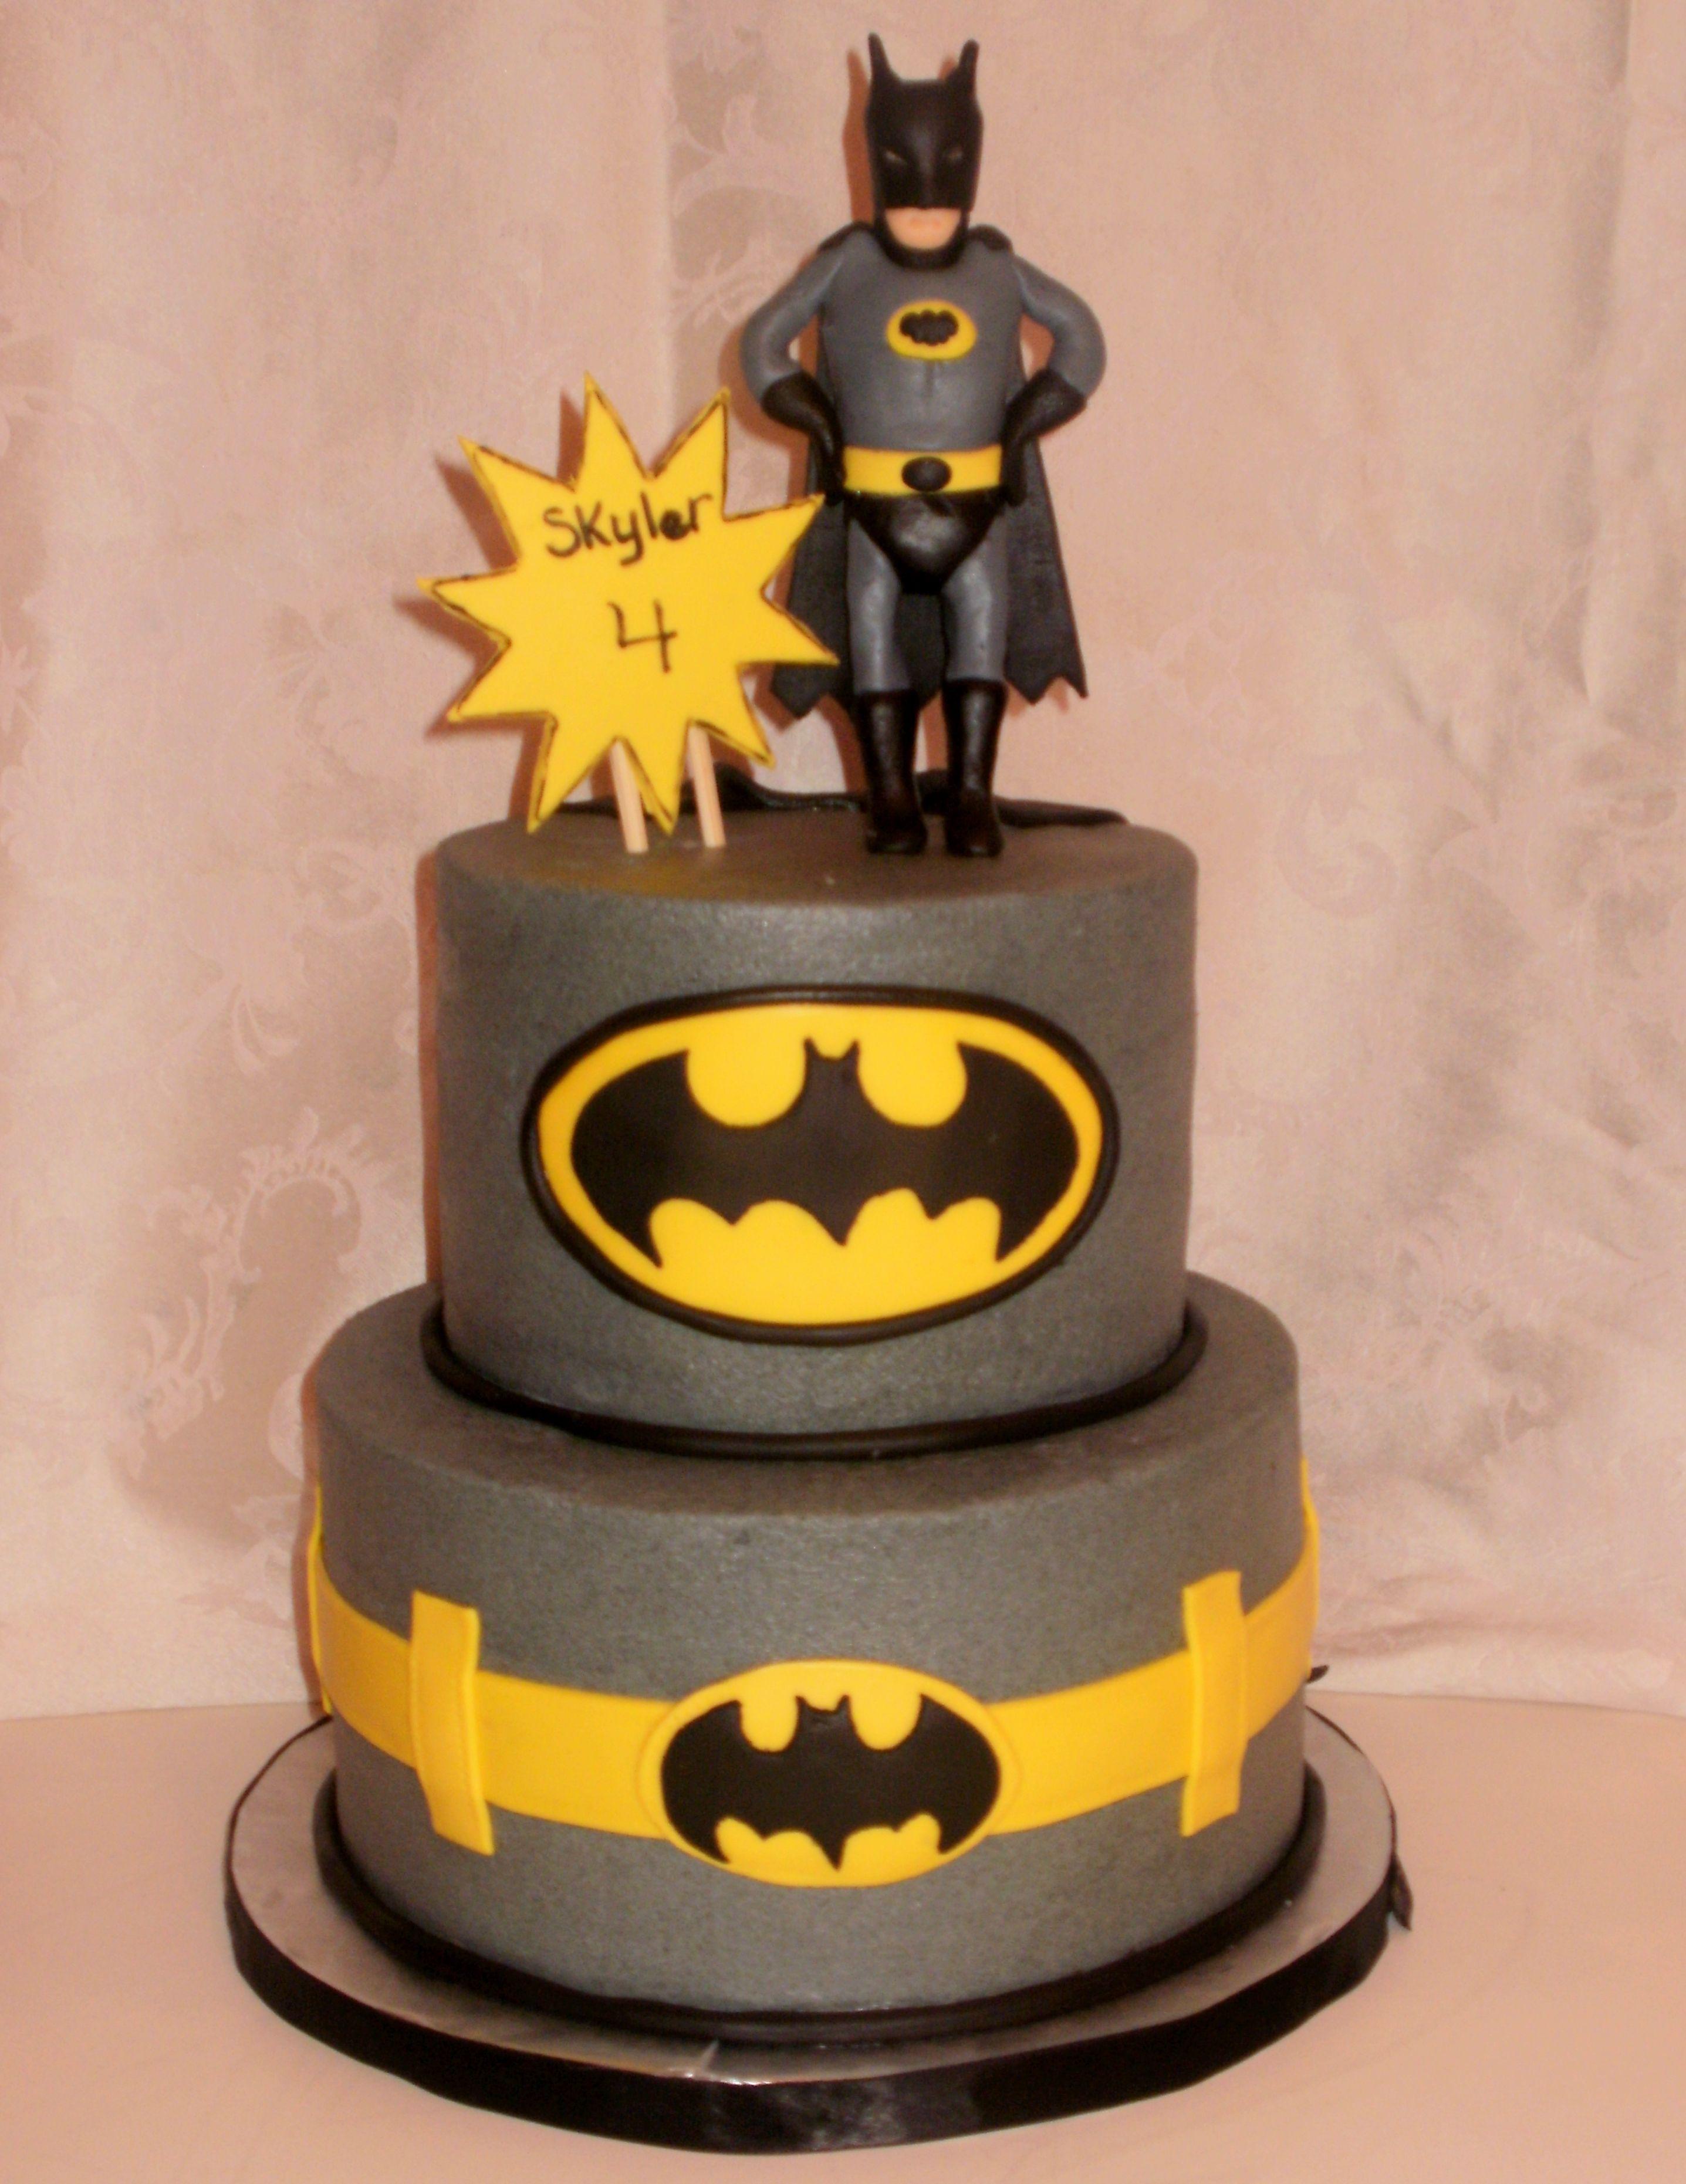 Surprising Batman With Images Batman Birthday Cakes Batman Cakes Batman Funny Birthday Cards Online Alyptdamsfinfo